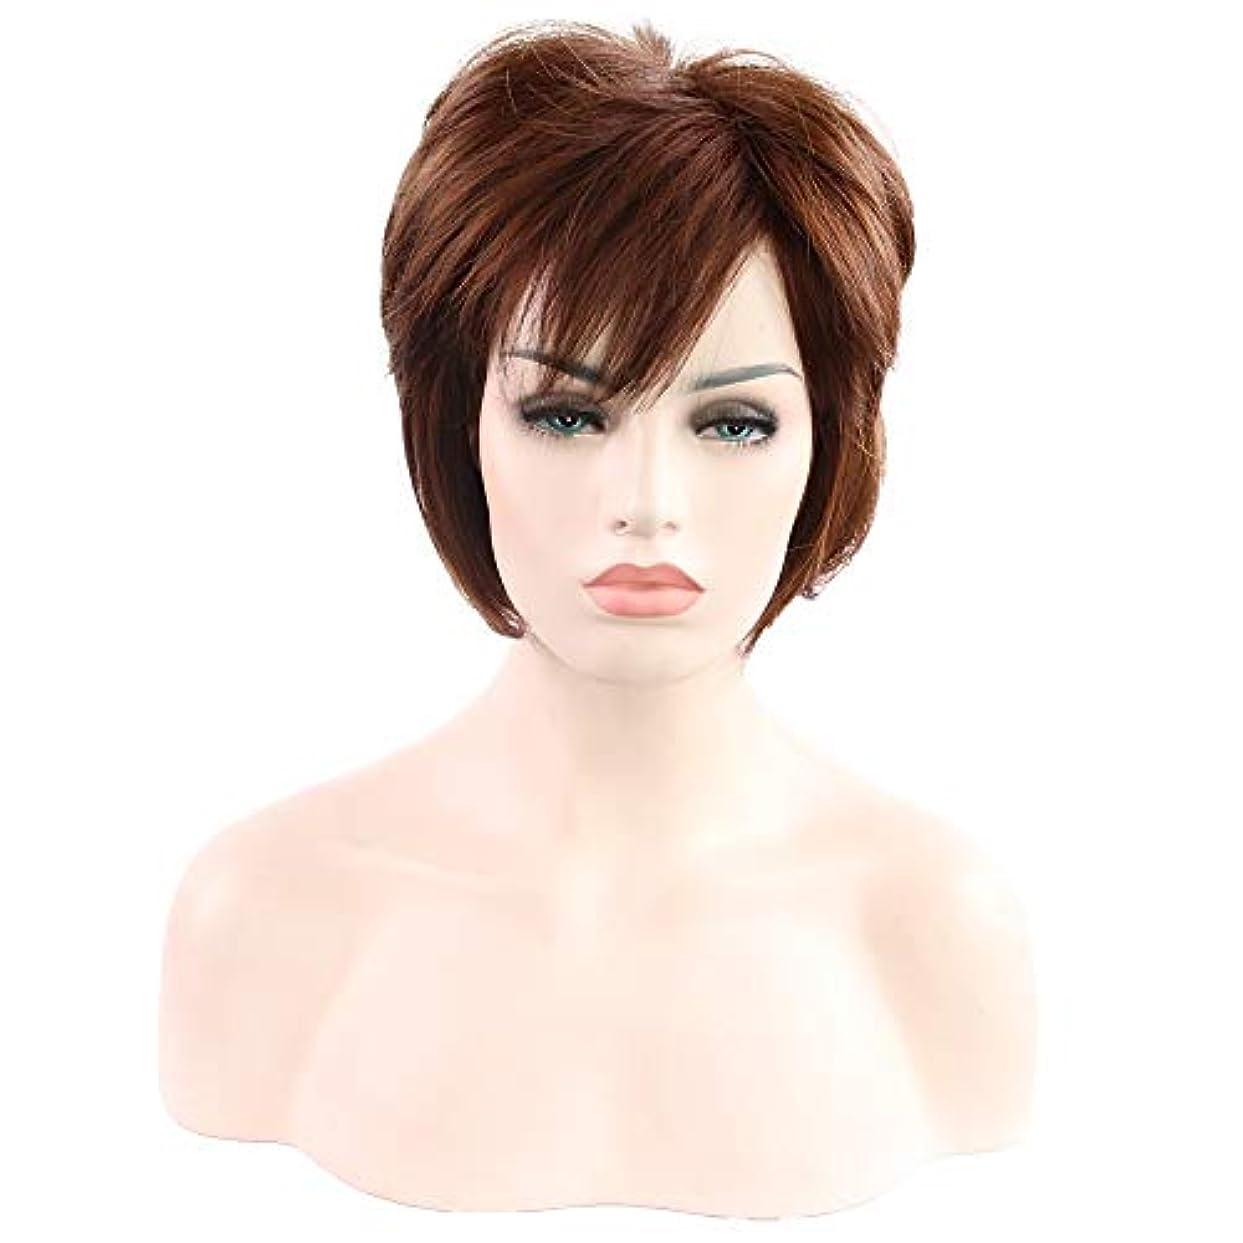 墓地猛烈な悪意女性用ブラウンショートカーリーヘアウィッグ自然髪ウィッグ前髪付き合成フルヘアウィッグ女性用ハロウィンコスプレパーティーウィッグ